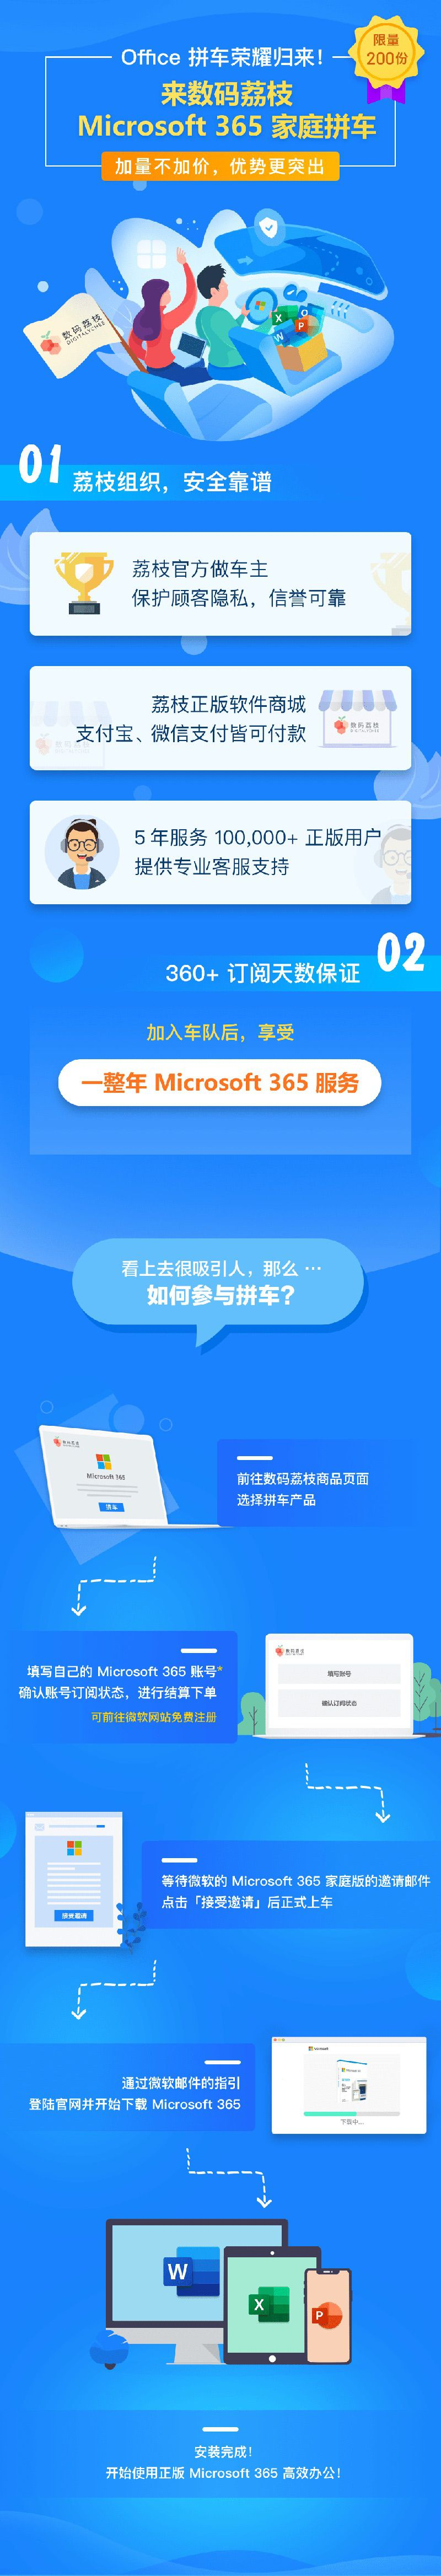 3月特惠,Microsoft 365 一年仅需 89 元